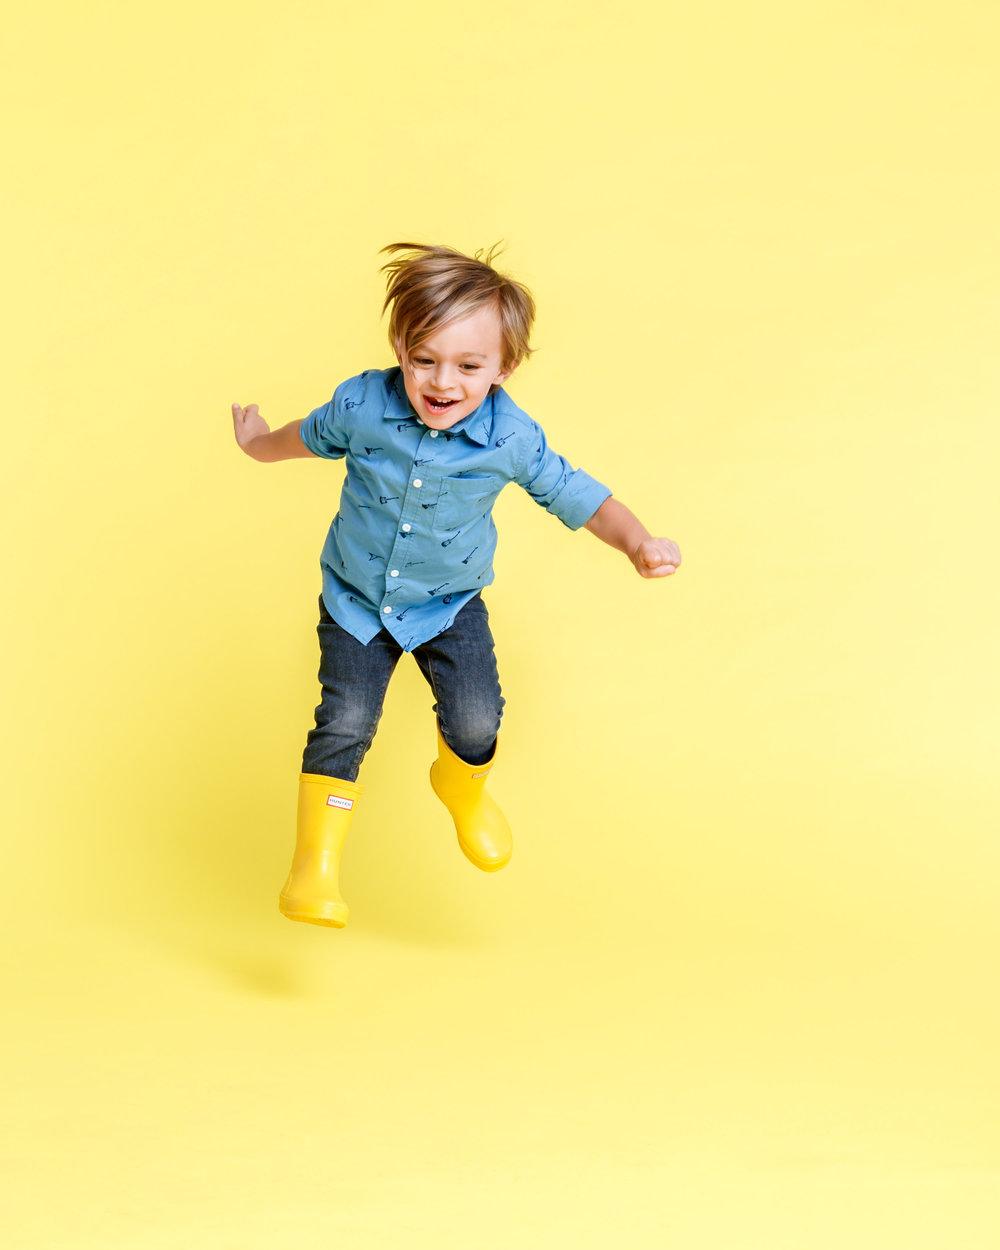 092916_MO_Ebay_Rain_Boots_Kids_0012-V02.jpg